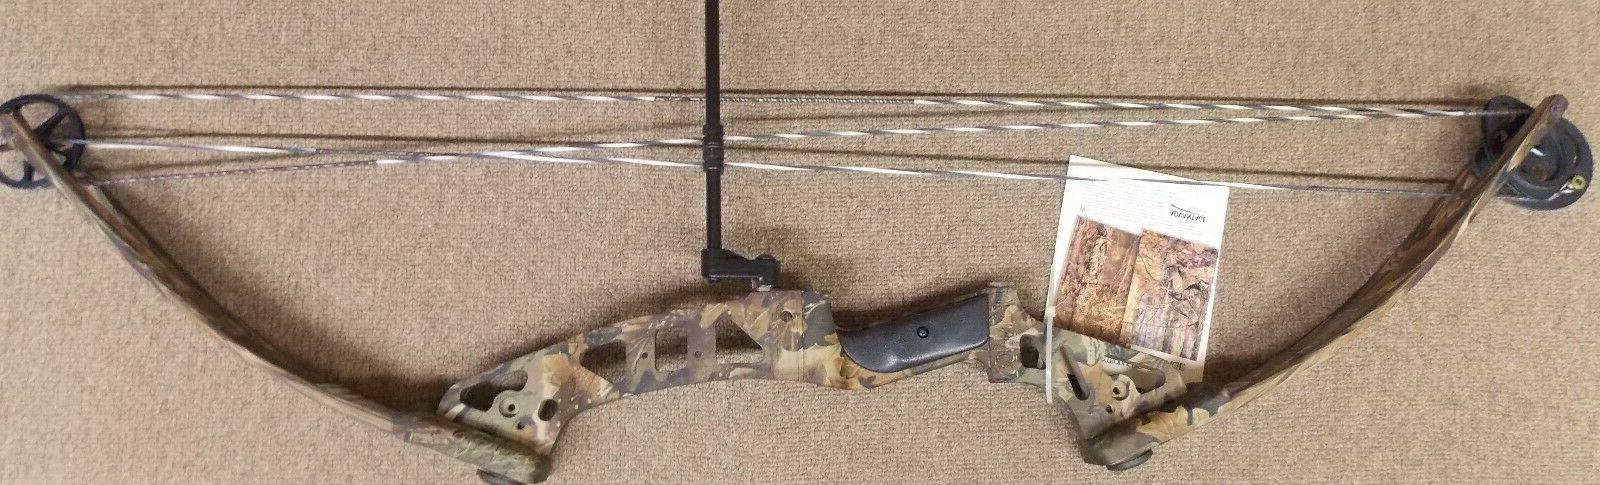 Jennings Archery Star Compound Bow 1995